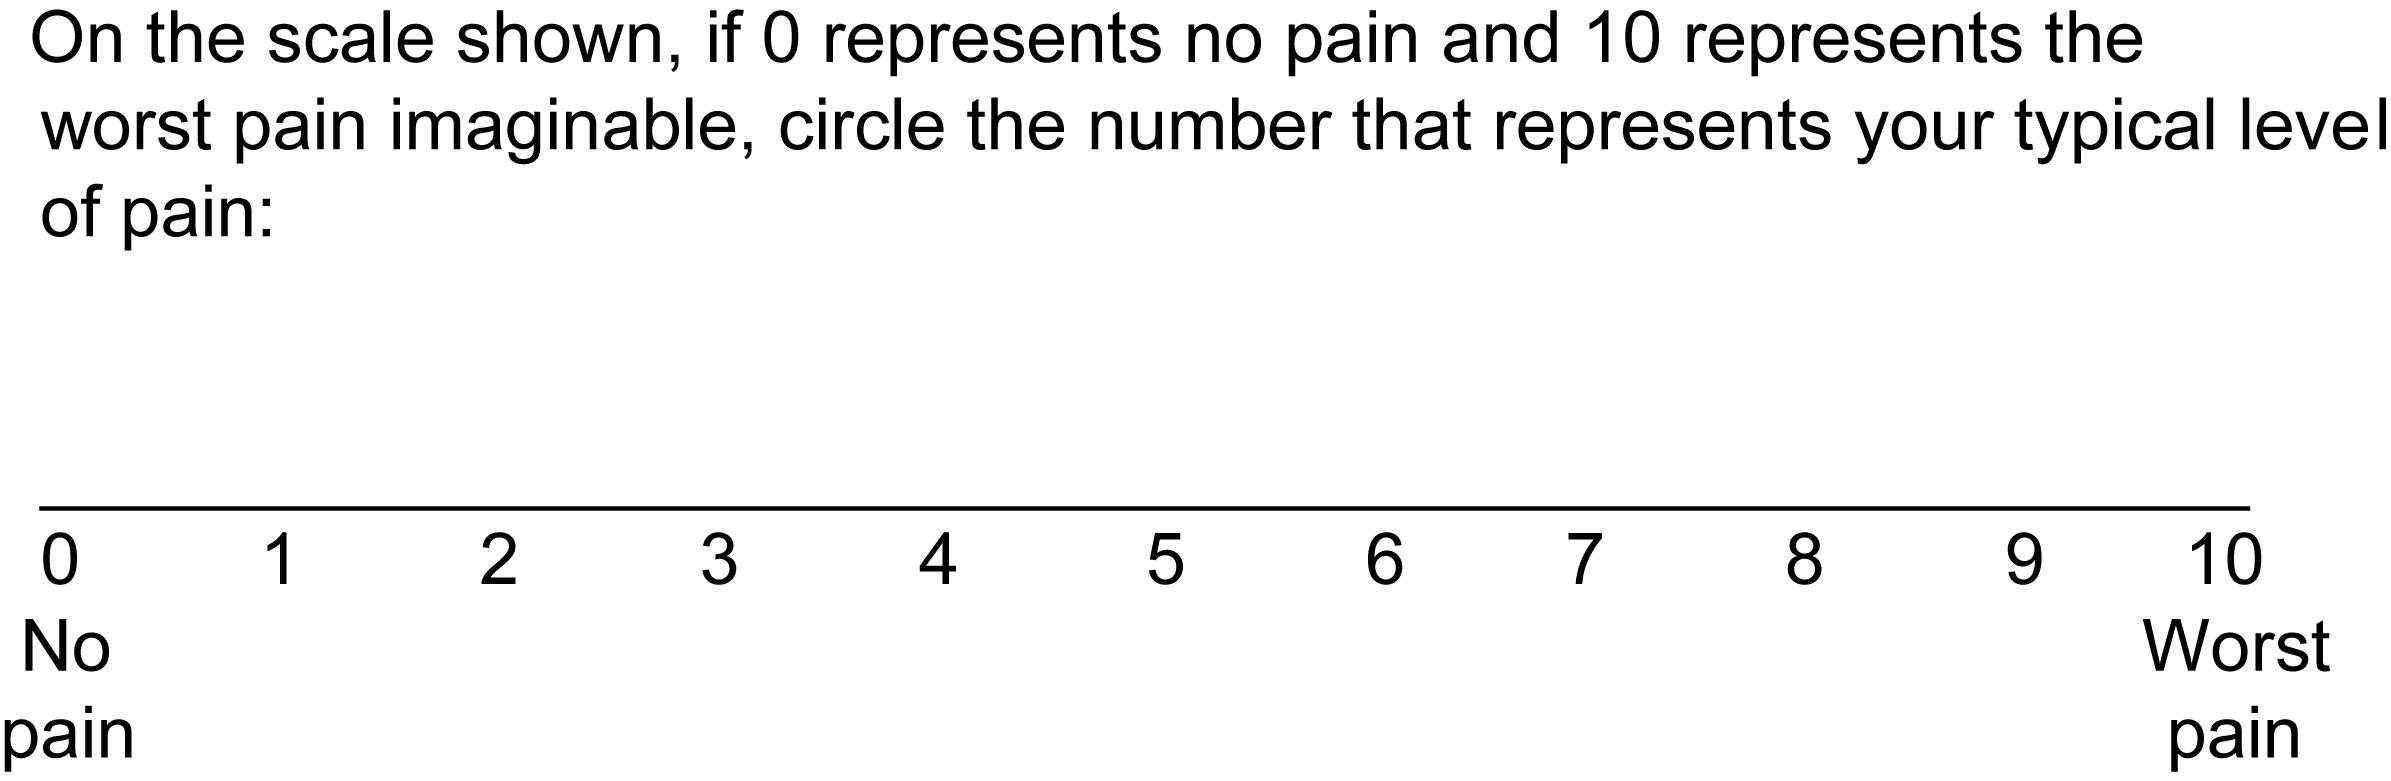 examination of peripheral nerve injuries pdf download